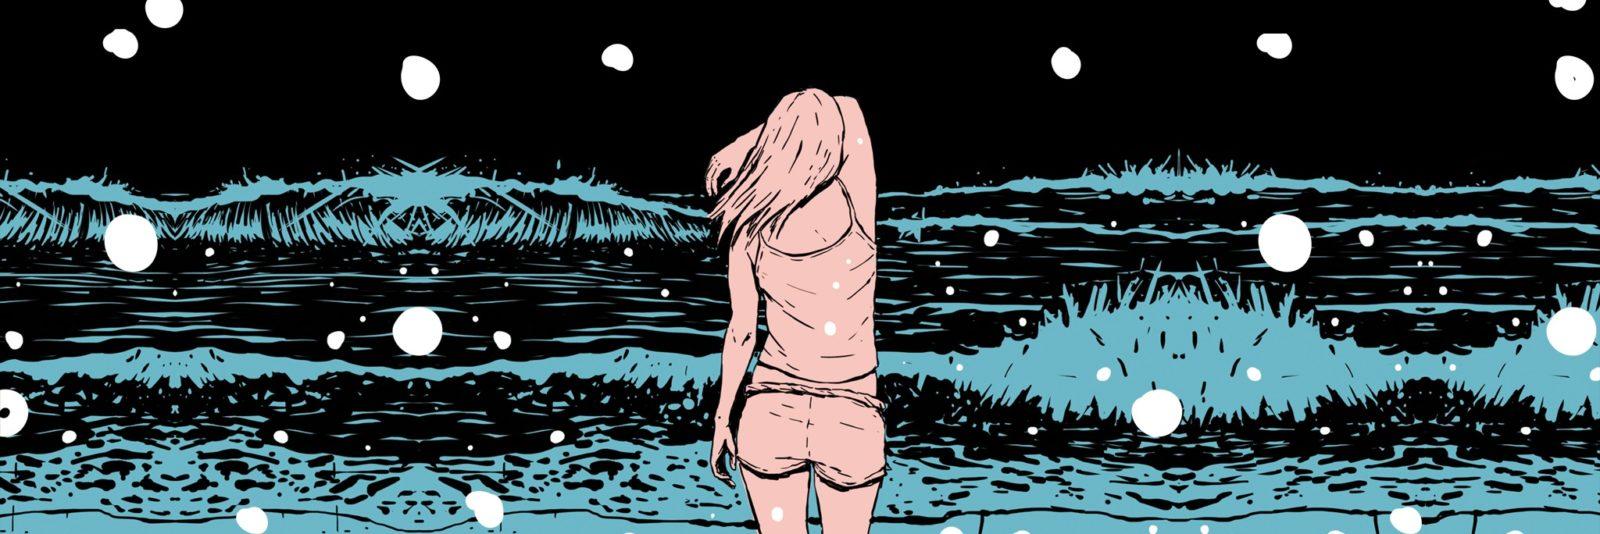 Estamos bem: luto, solidão e o primeiro amor